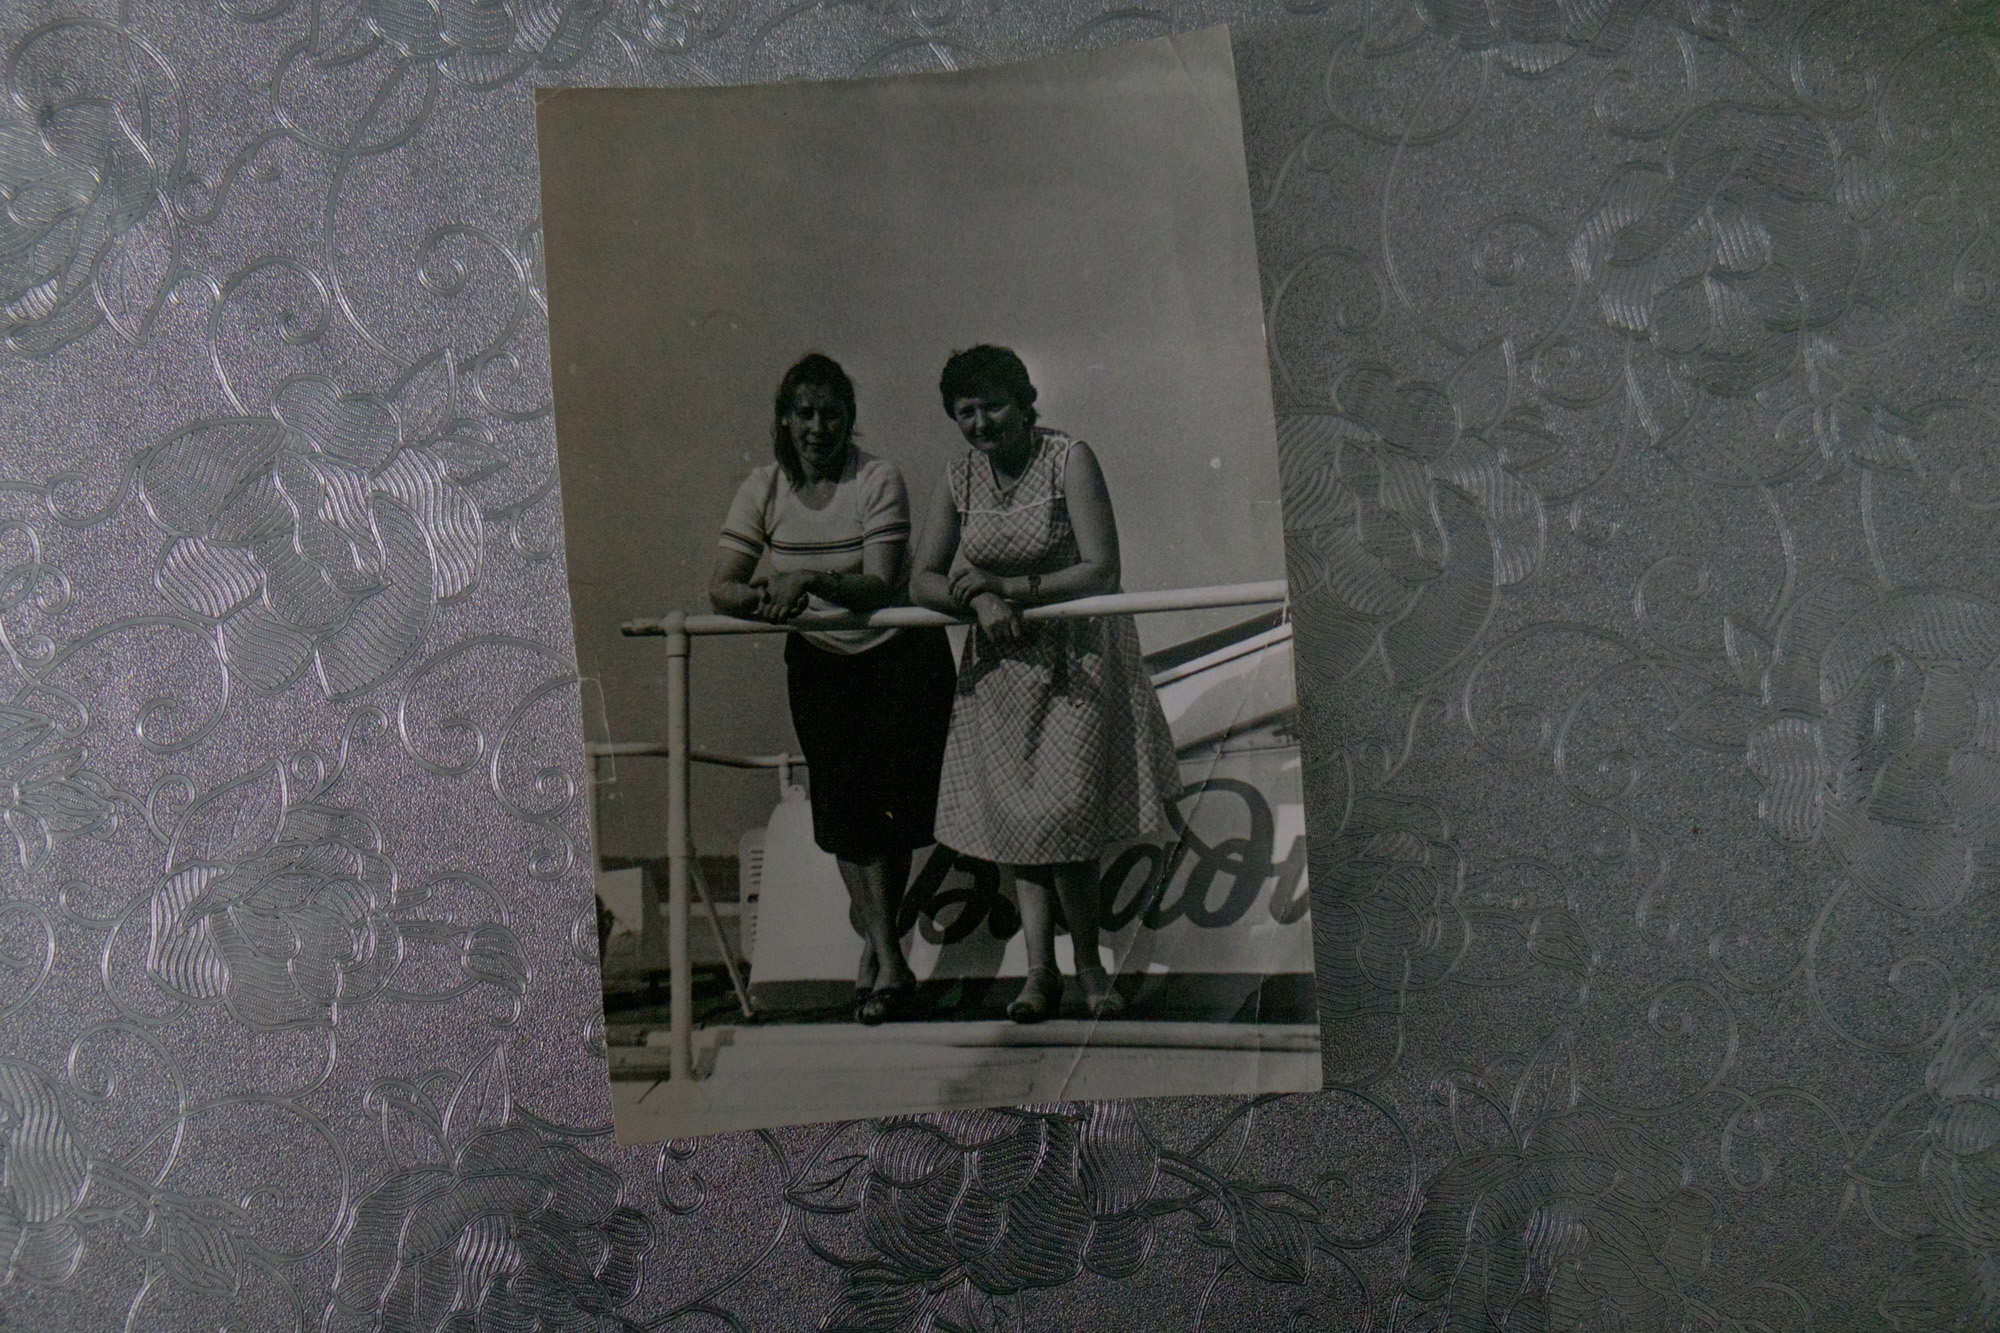 Валентина Кришталева и ее коллега на «Ракете». Навигация «Ракет» начиналась 25 марта и длилась до ноября. Летом в Киев ходило по два рейса в день. Осенью и зимой — по одному. Восемь часов в пути. Теплоход вмещал 54 пассажира. Билет из Гомеля до Киева стоил восемь рублей, почти вдвое дороже, чем на поезде. За эти деньги в то время можно было купить четыре кило свинины. Но на «Ракете» никогда не было свободных мест. В то время не все могли себе позволить выехать на море. А Киевское водохранилище, по которому «Ракета» шла два часа — широкое как море. Плывешь и берегов не видно. Но больше всего пассажирам нравилось шлюзование. Настоящий аттракцион. На стыке водохранилища и Днепра стояли шлюзы. «Ракету» загоняли в шлюз и 30 минут спускали вниз с высоты девятиэтажного дома.